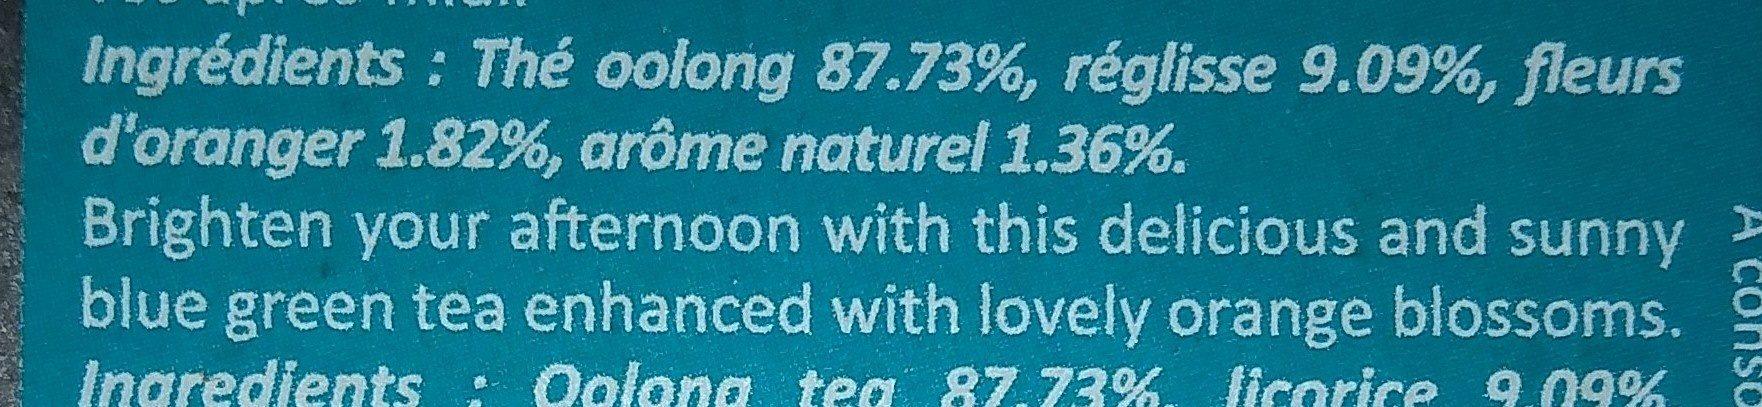 15 The Oolong Fleur Oranger - Ingrédients